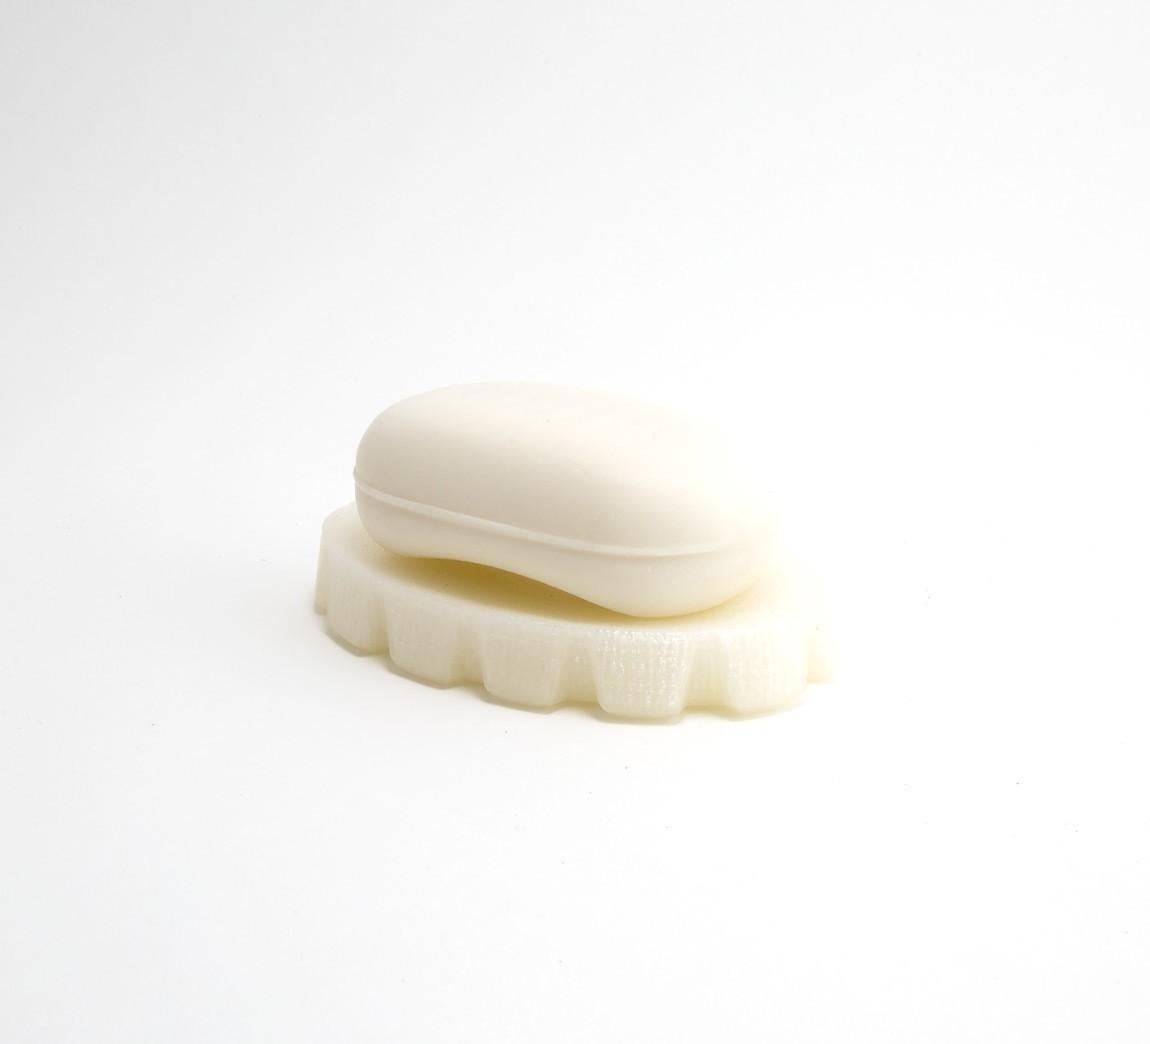 a7975ab8853bc901d88a931965e99a4f_1446839921860_NMD000046-013.jpg Télécharger fichier STL gratuit Porte-savon denté • Design pour imprimante 3D, Hom3d